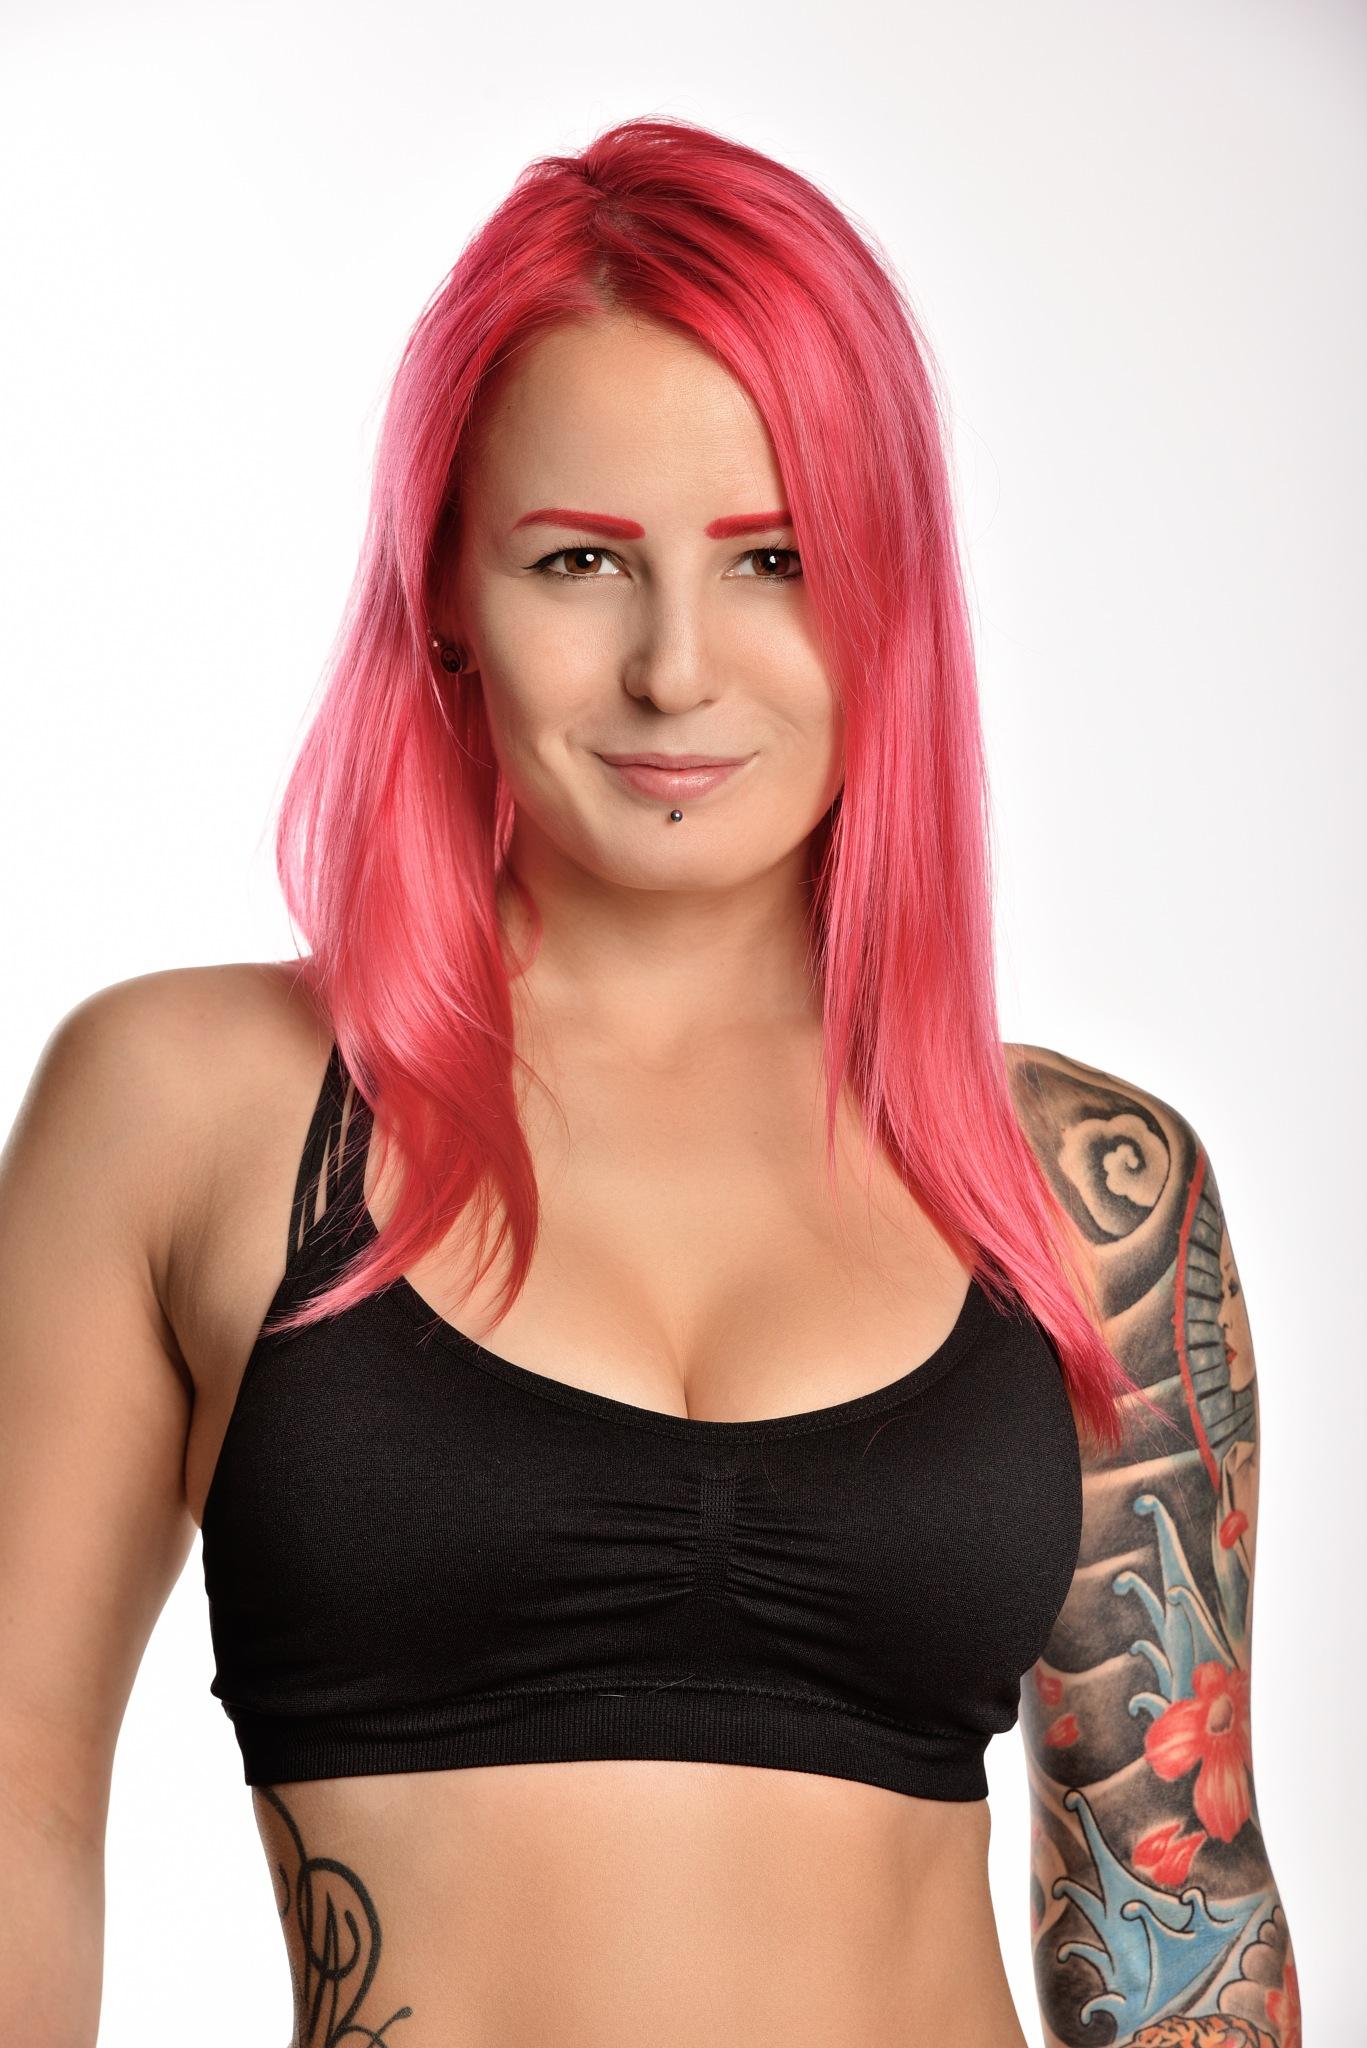 woman tattoo by Igi Petrilla